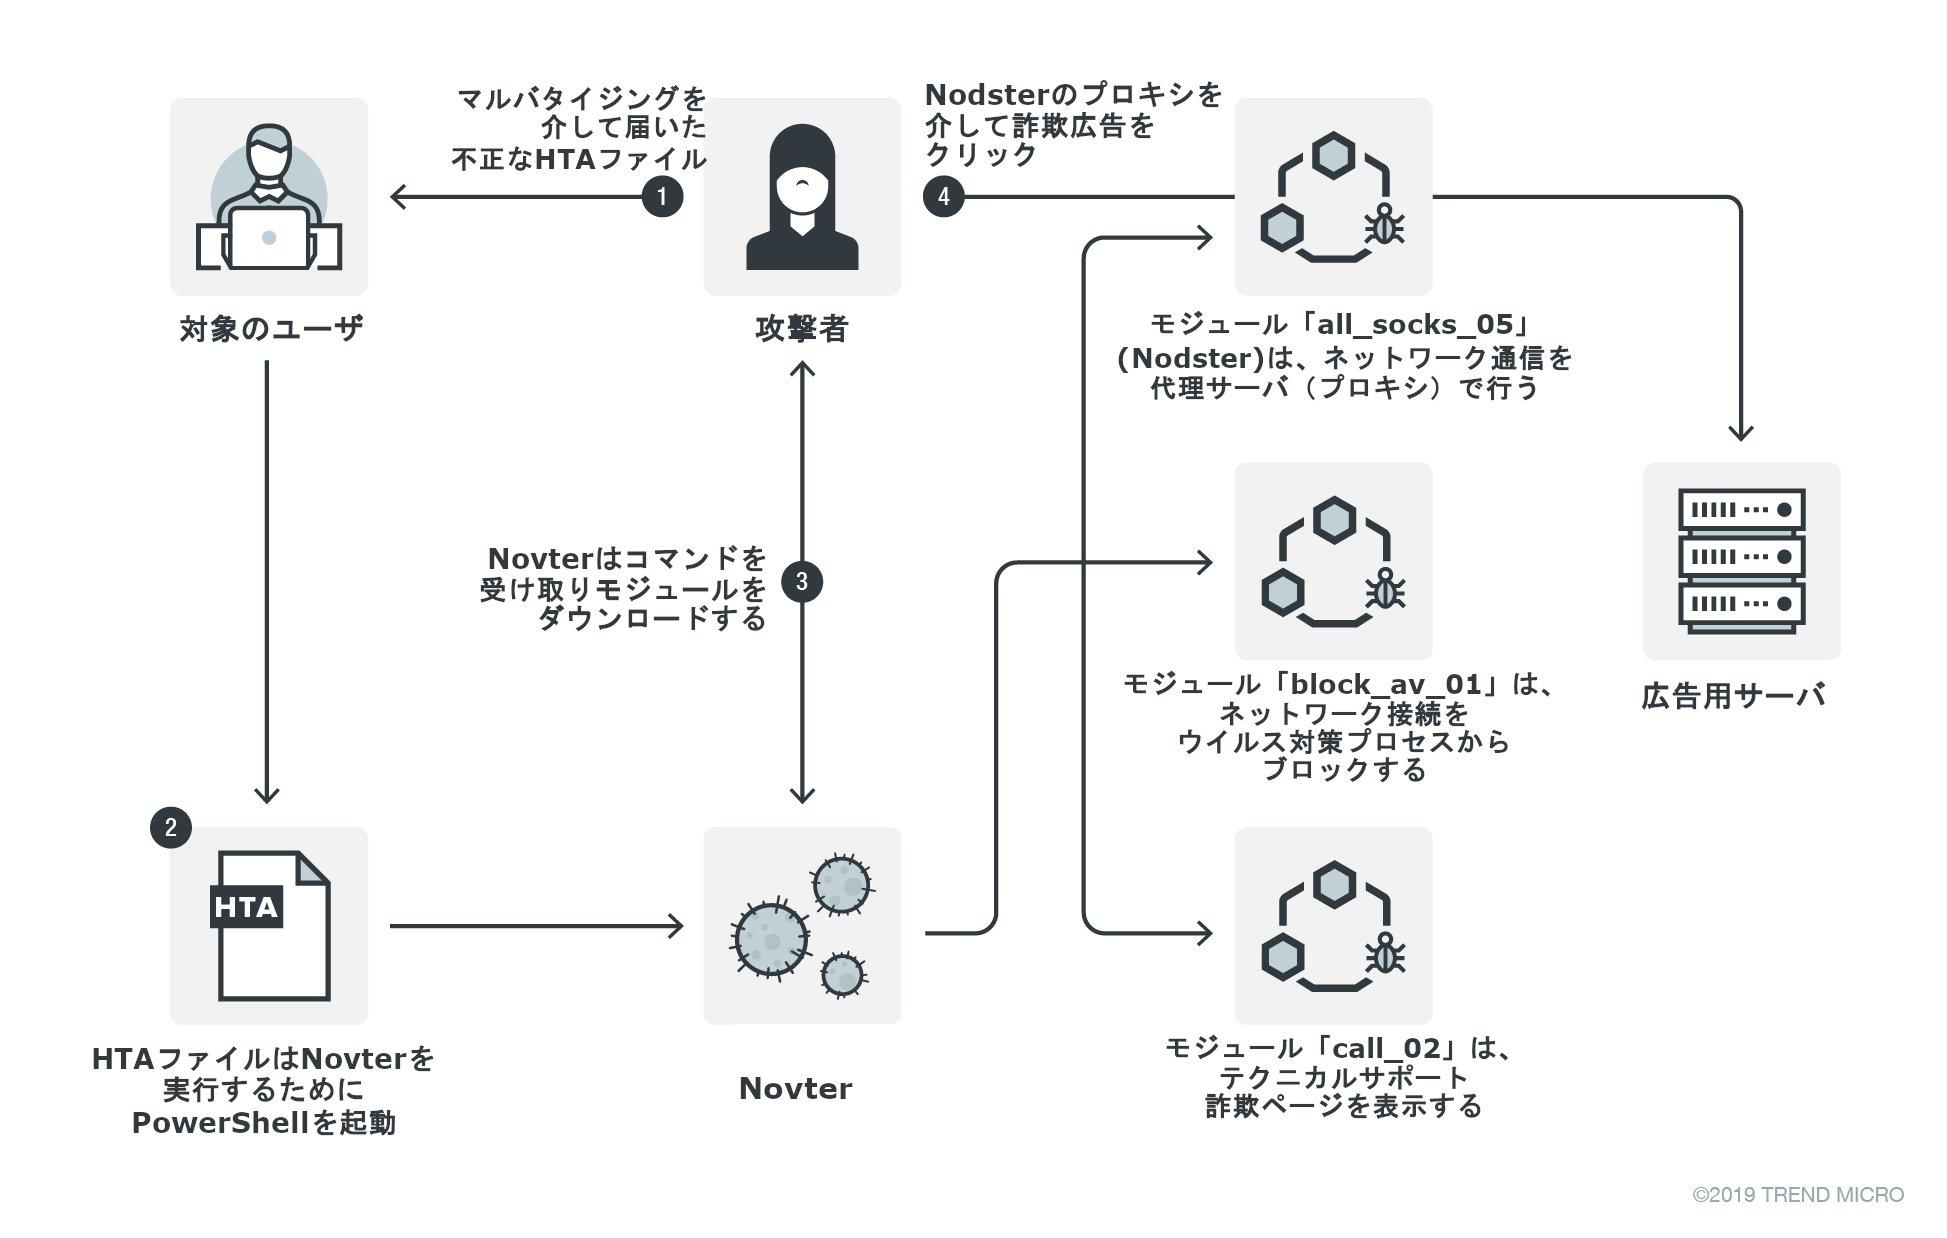 図1:KovCoreGが拡散する「Novter」および「Nodster」の感染の流れ